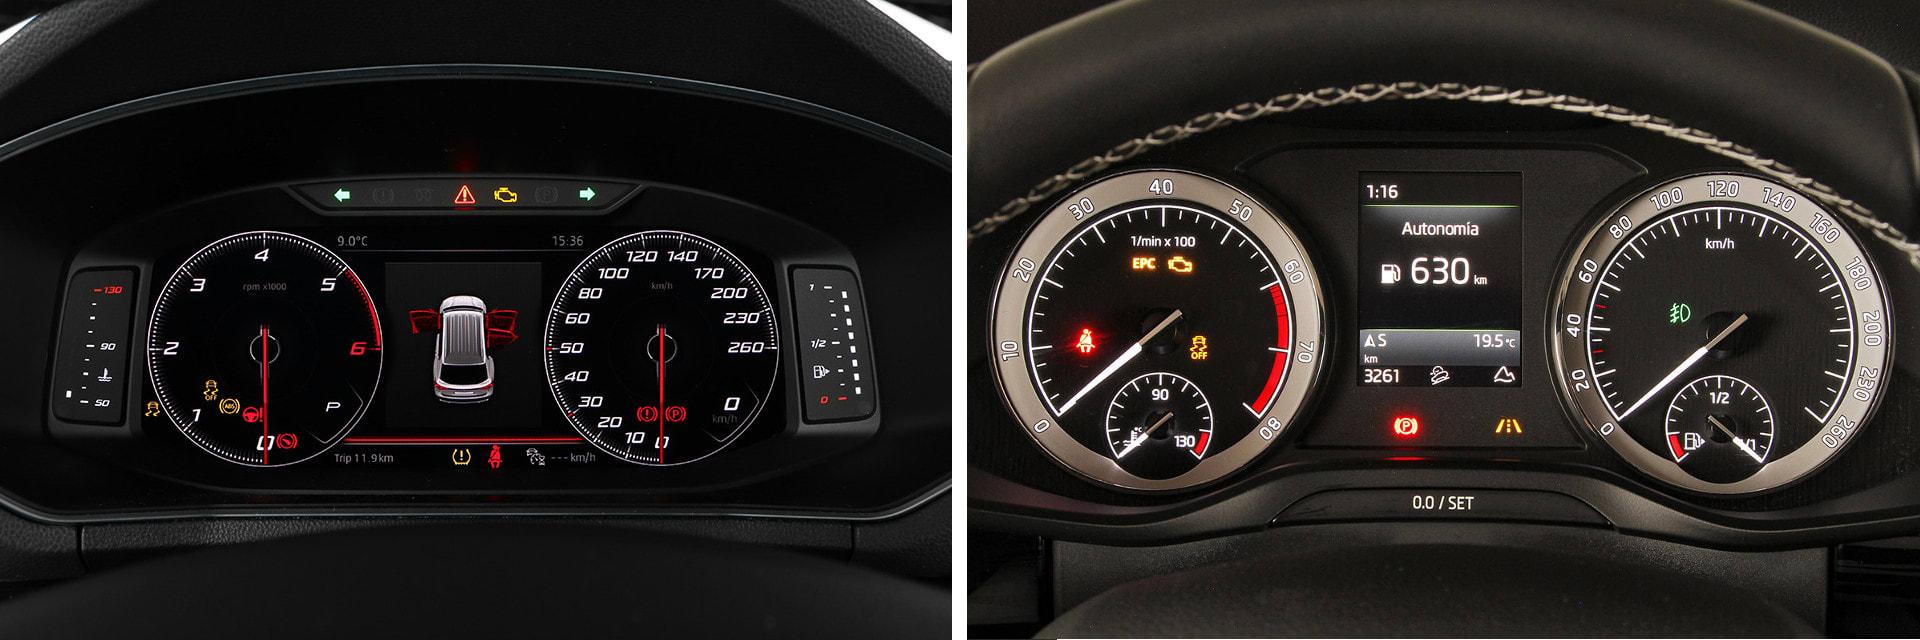 La instrumentación del SEAT (izq.) está formada por una pantalla digital; la del Škoda (dcha.) es convencional. / km77